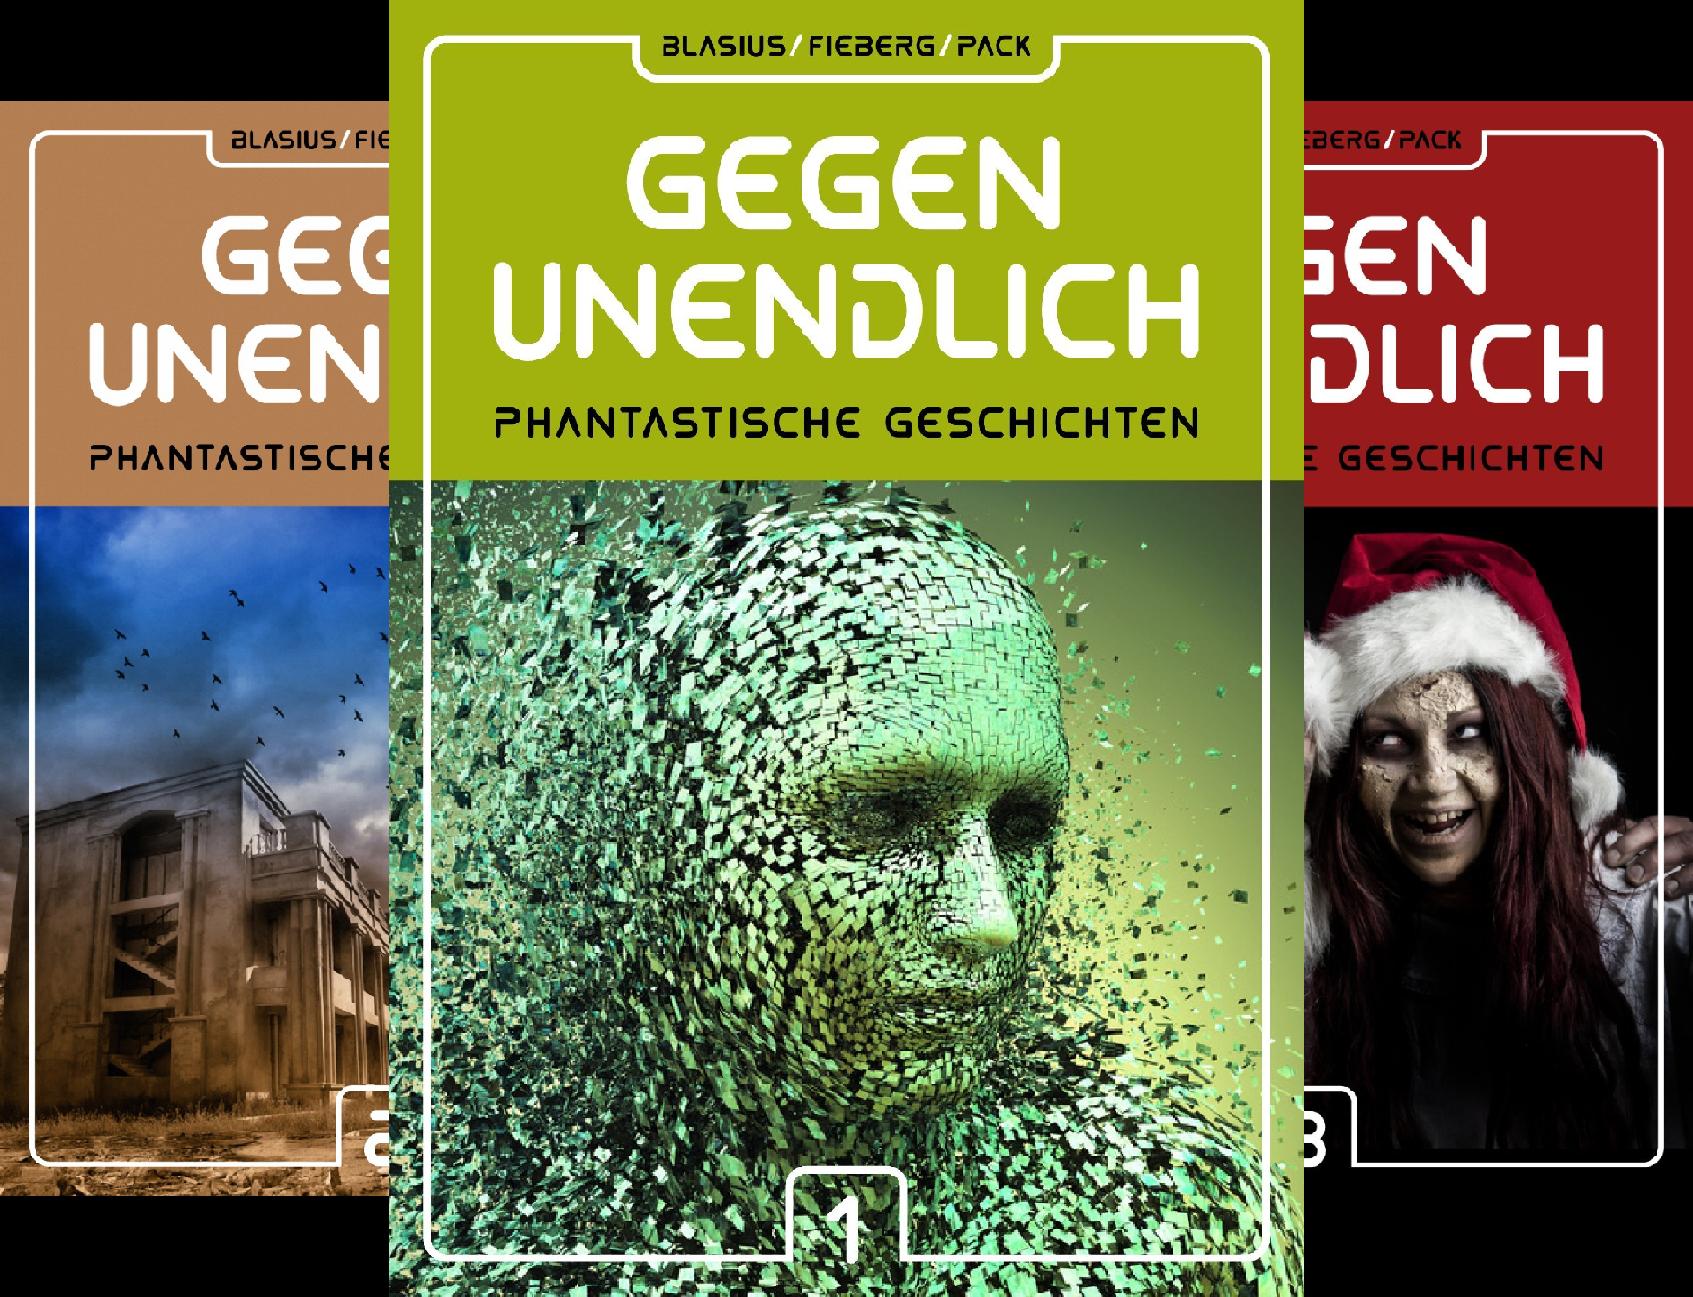 Kleine Ewer (GEGEN UNENDLICH. Phantastische Geschichten (Reihe in 15 Bänden))